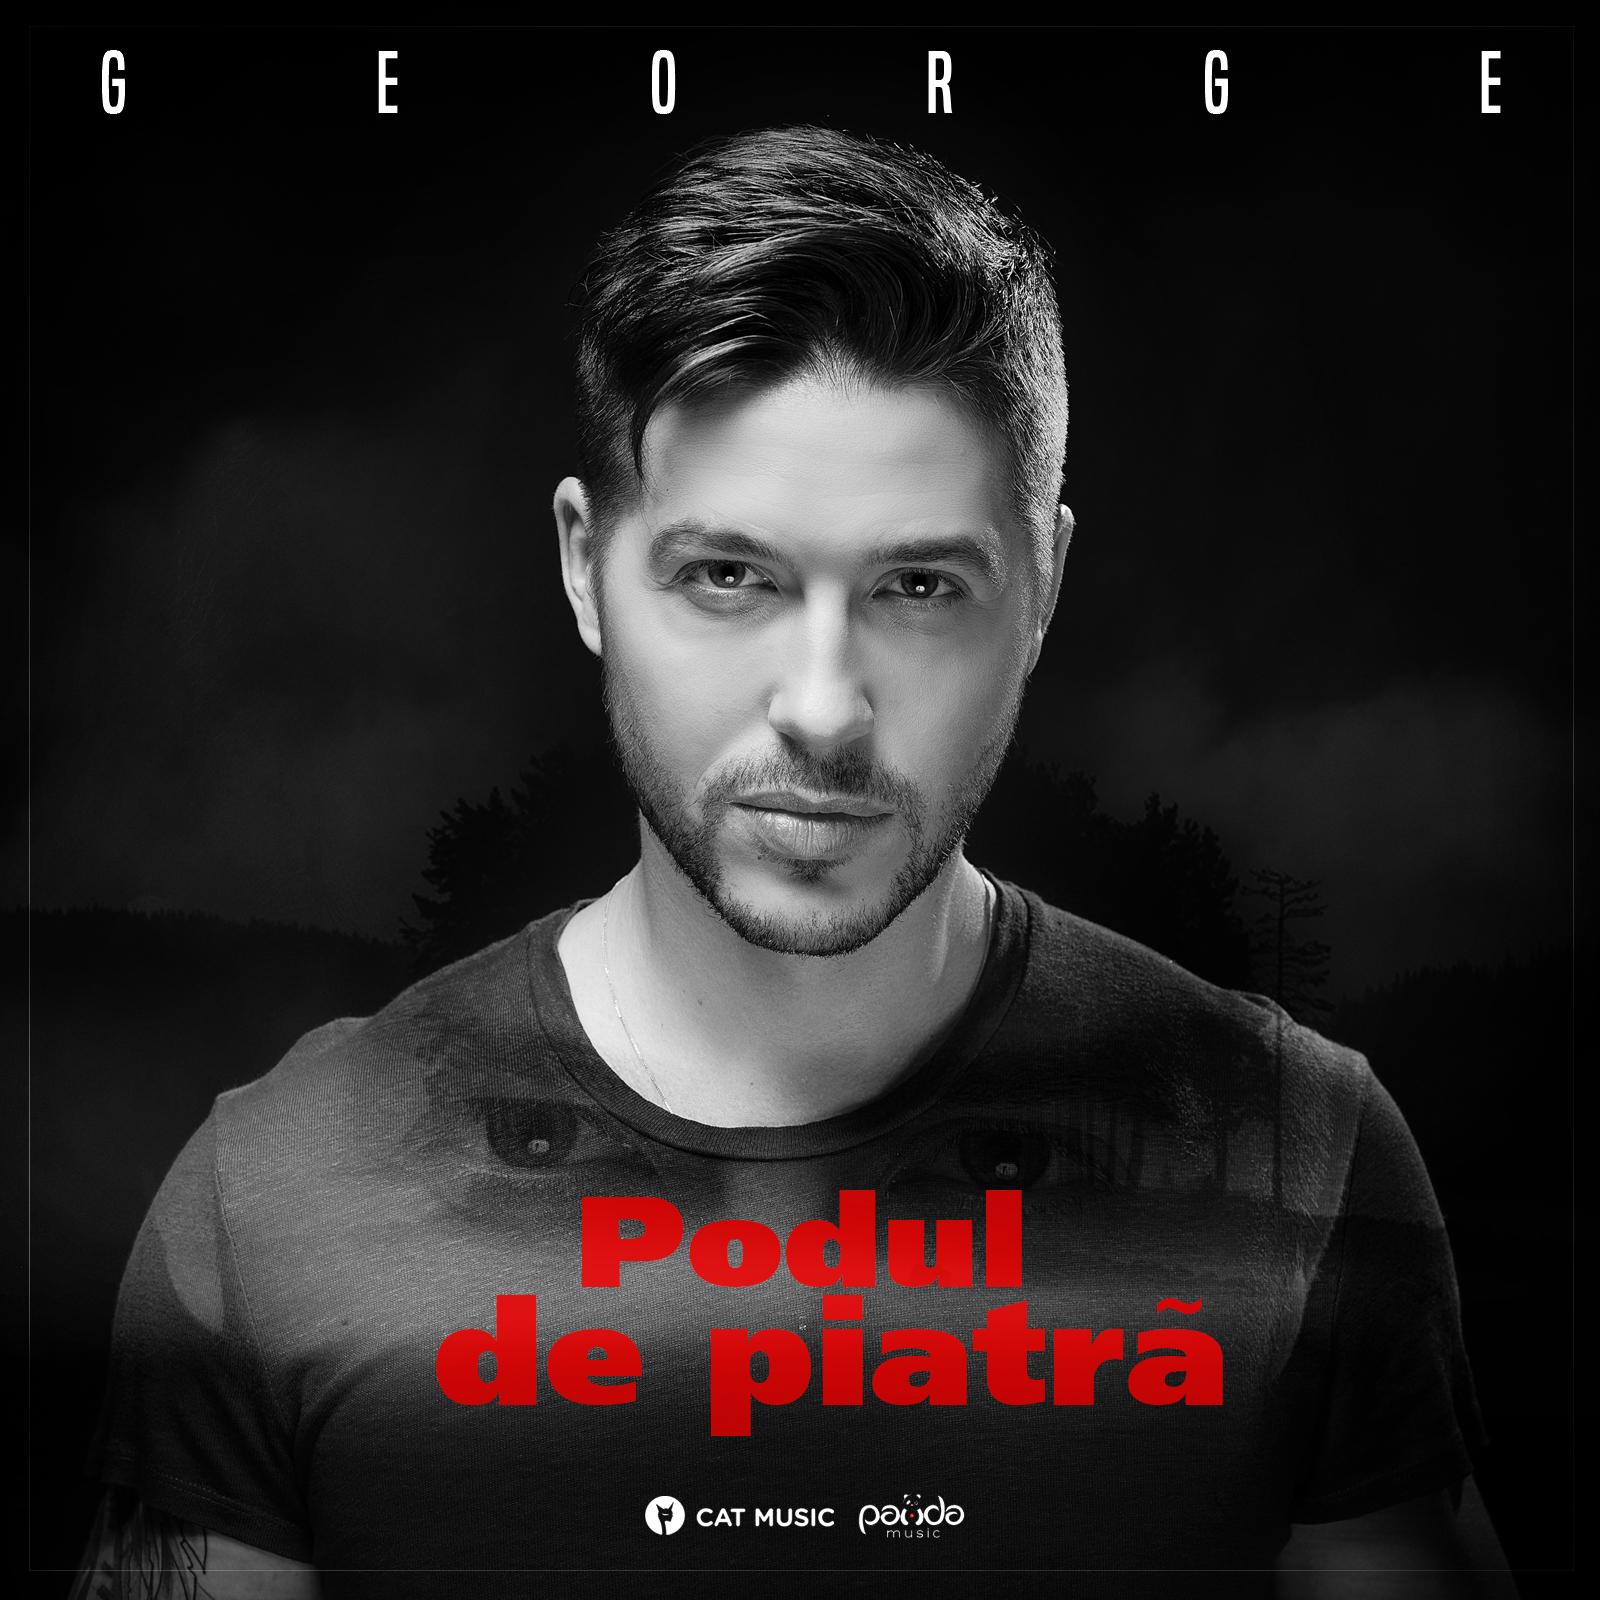 """George lanseaza single-ul si videoclipul """"Podul de piatra"""""""